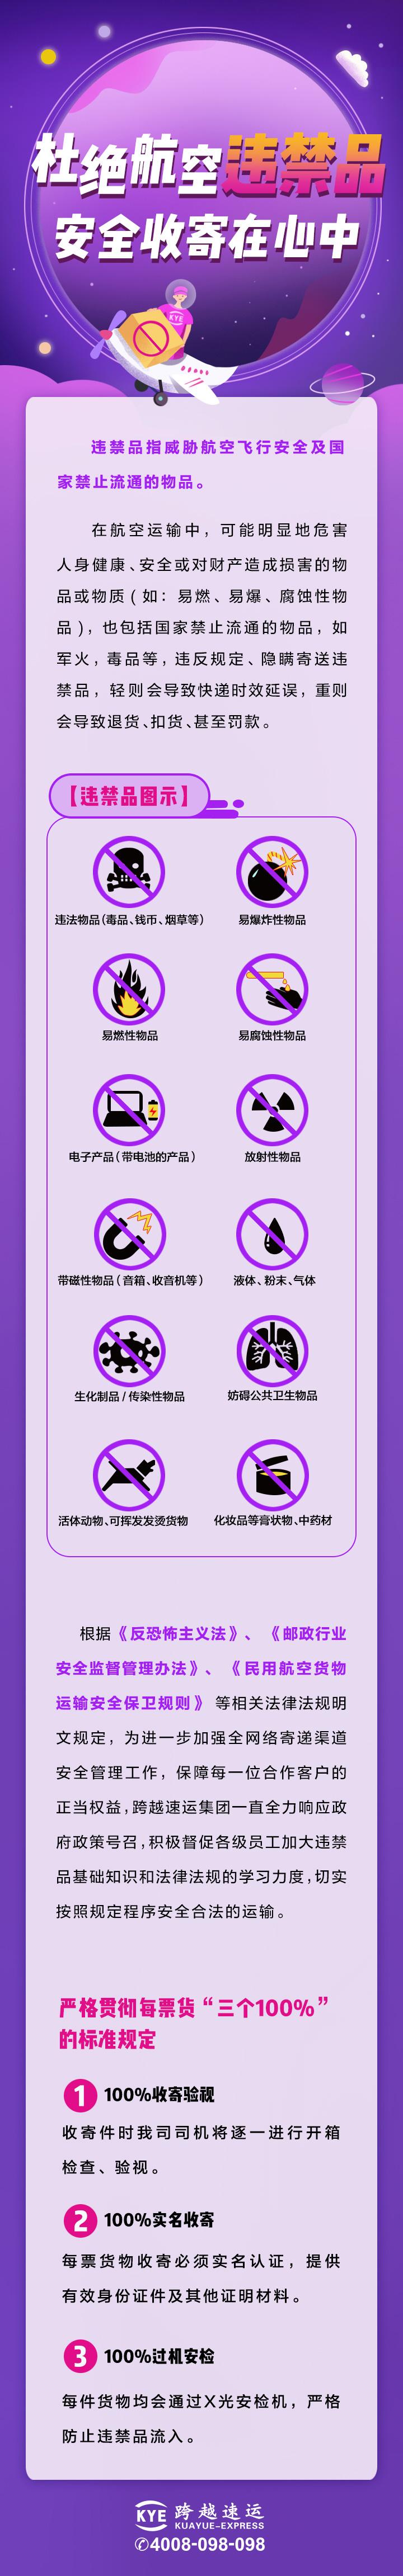 违禁品长图2(1).jpg